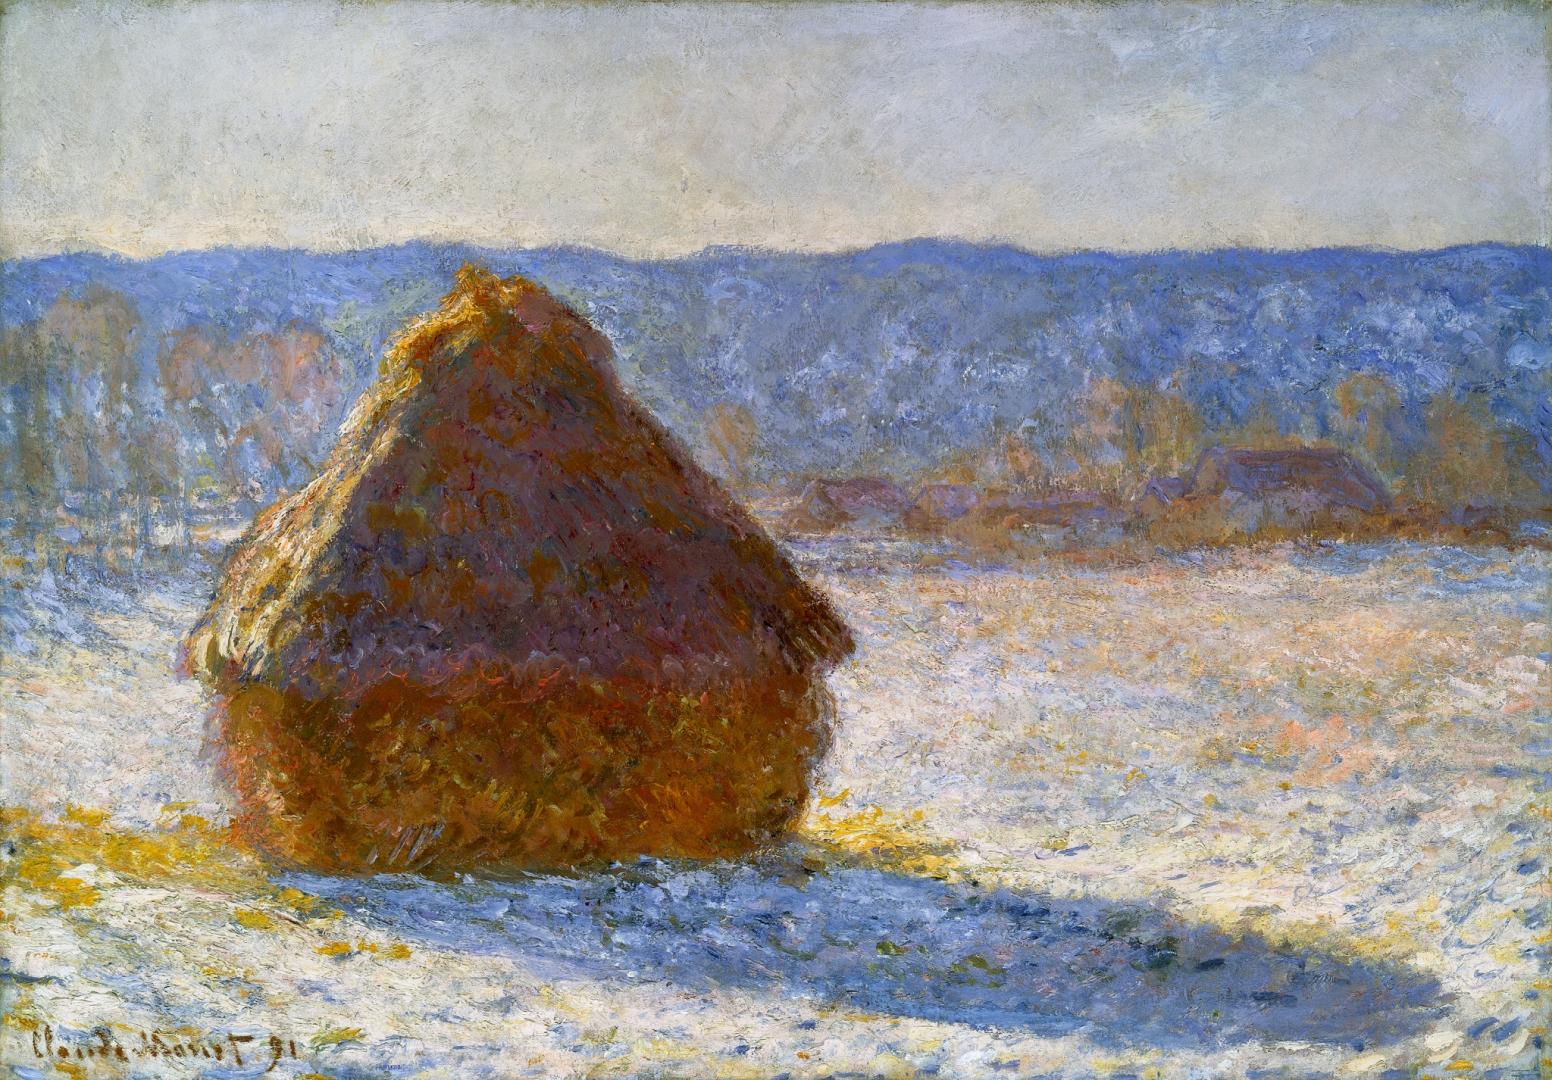 пейзаж < Стог сена утром, выпал снег >:: Клод Моне, описание картины - Claude Monet фото